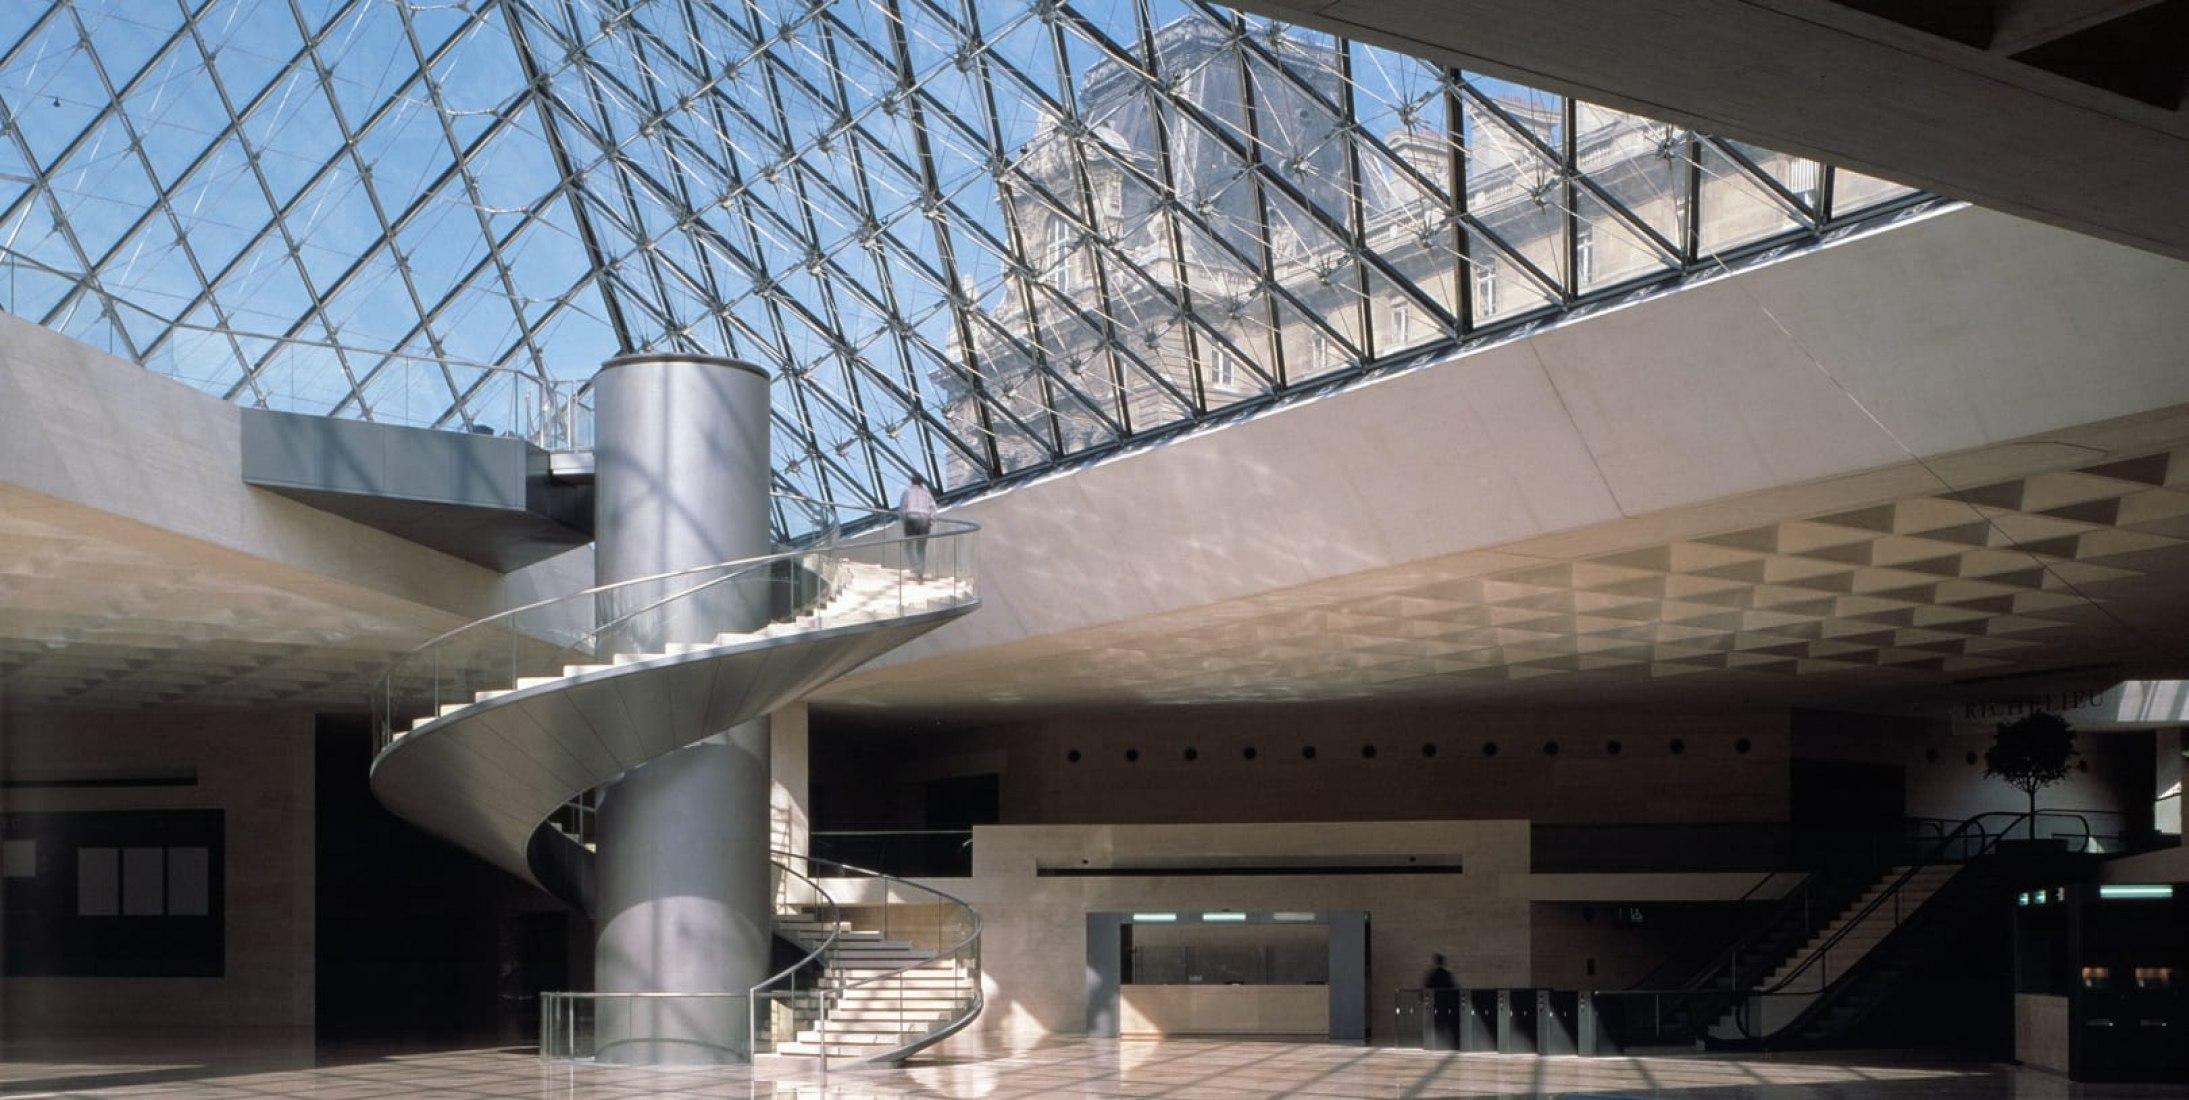 Grand Louvre - Fase I, Premio Veinticinco Años AIA 2017 . Fotografía © Koji Horiuchi